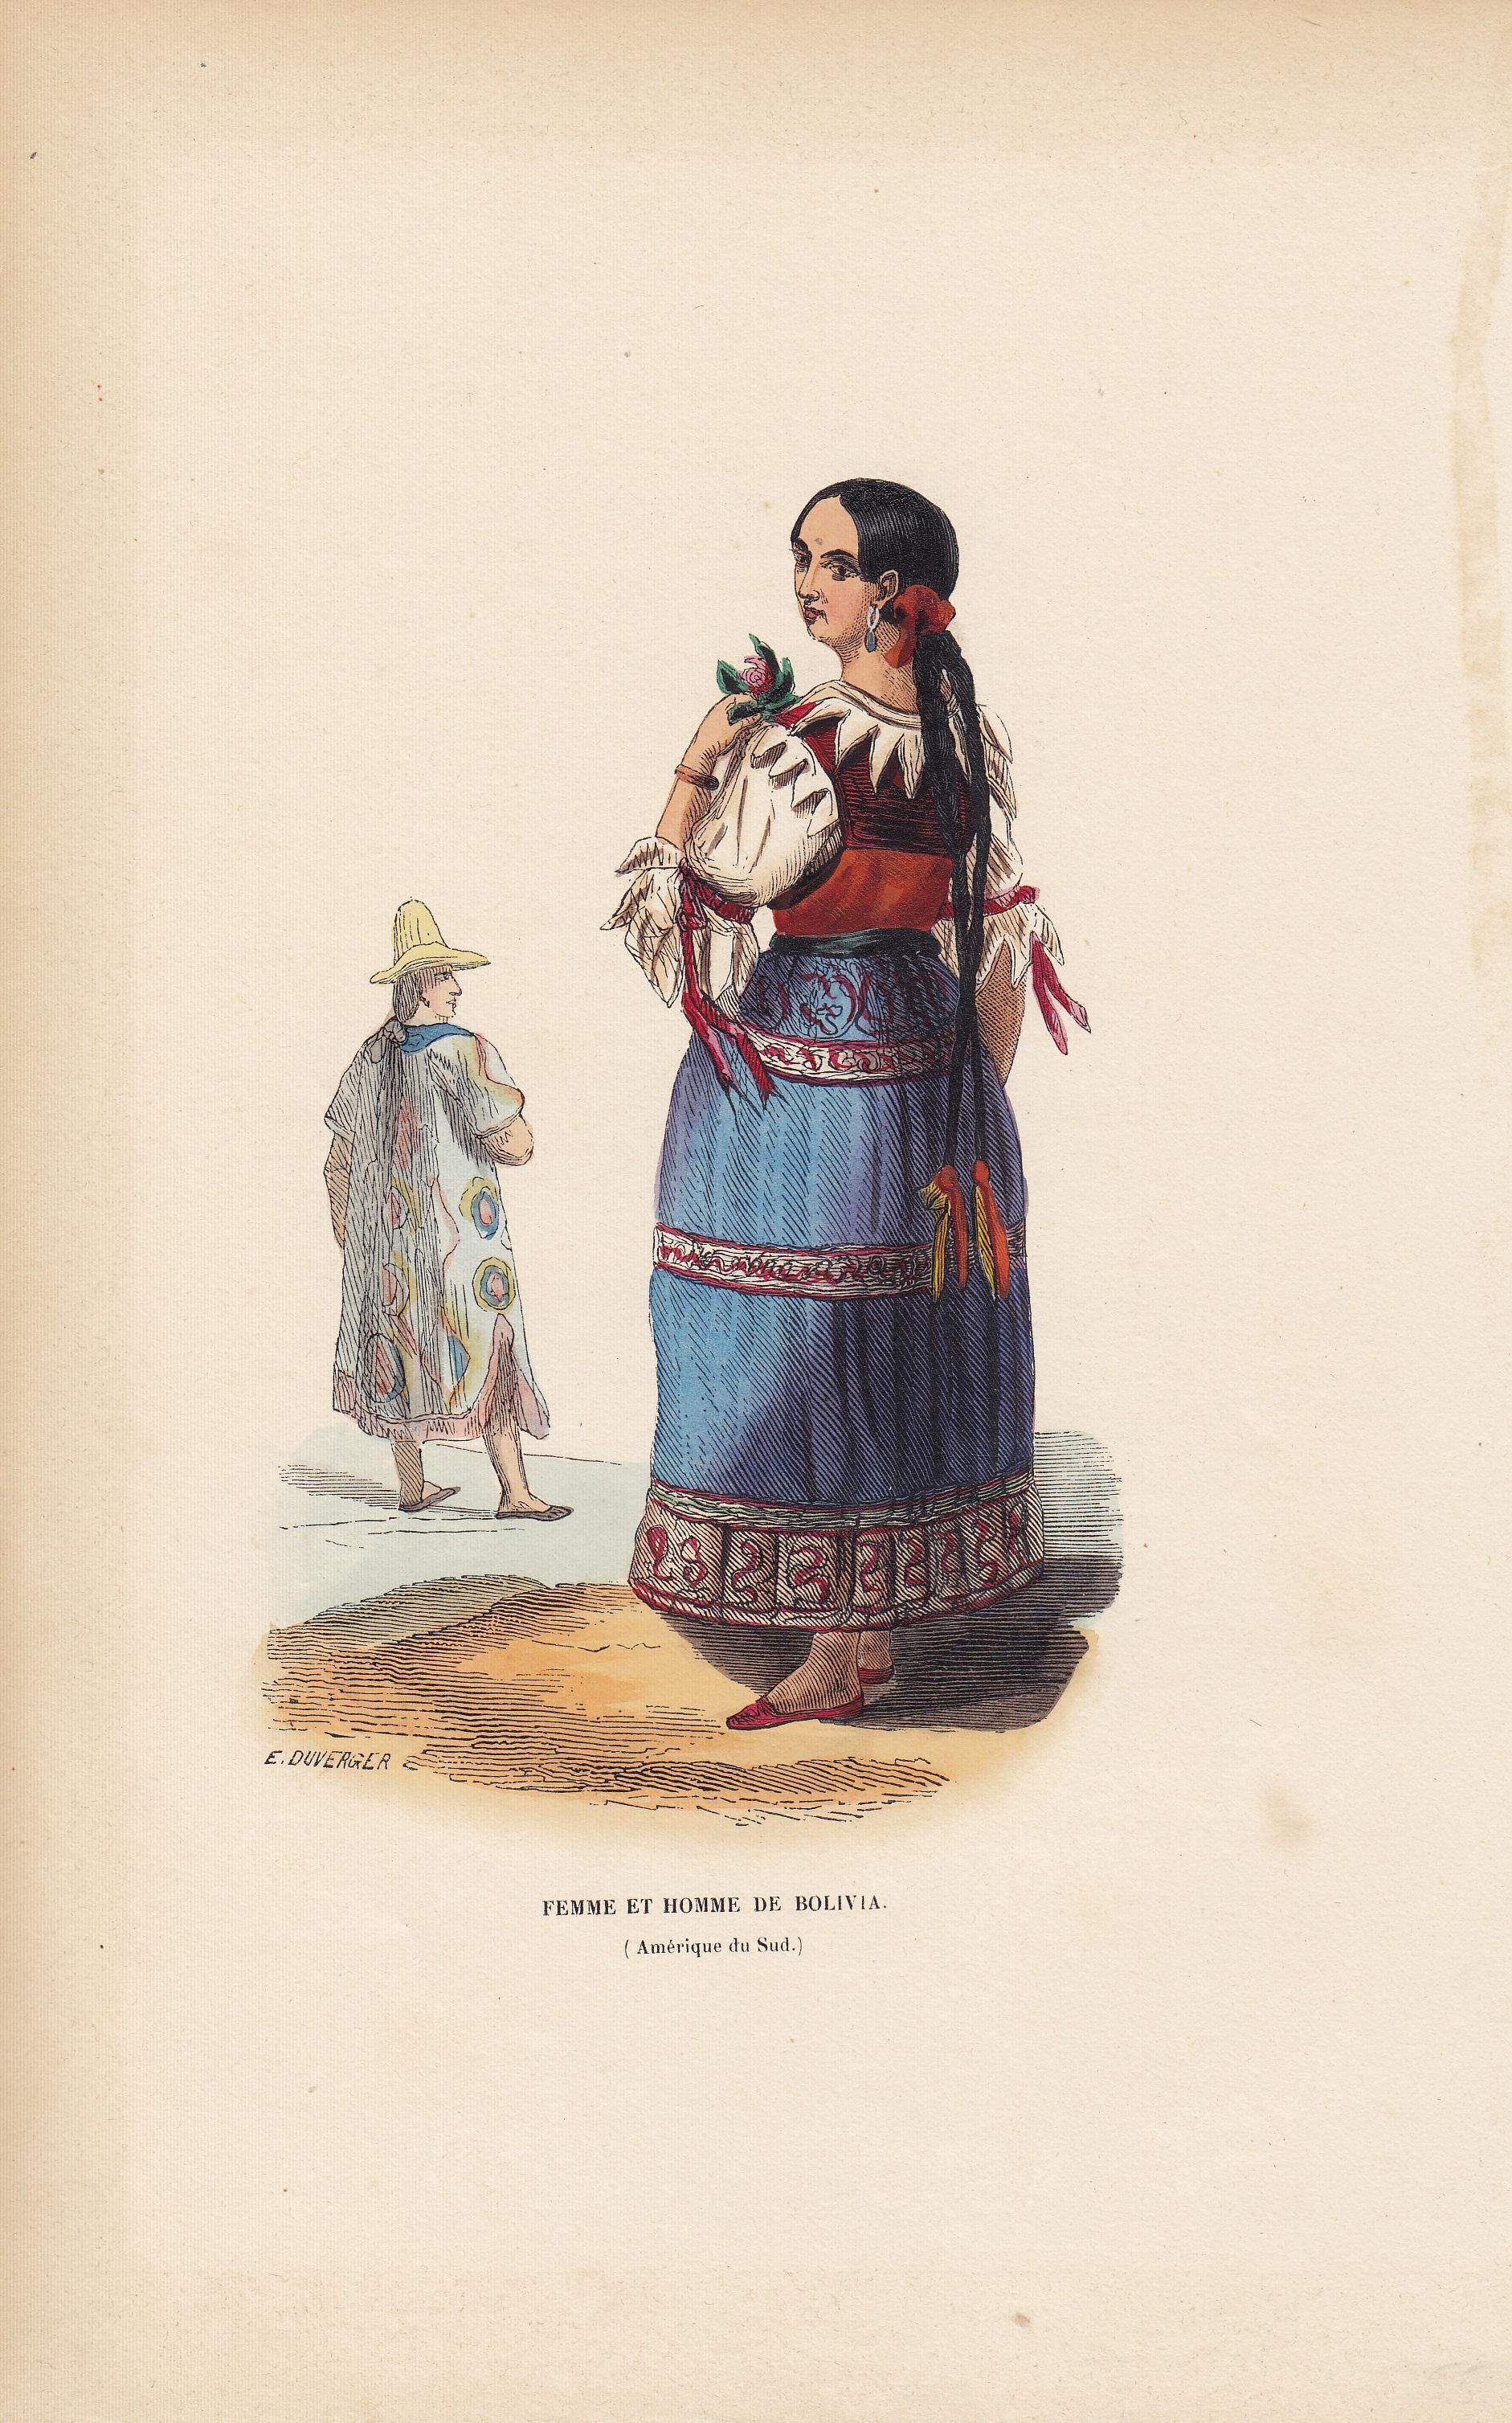 Femme et Homme de Bolivia